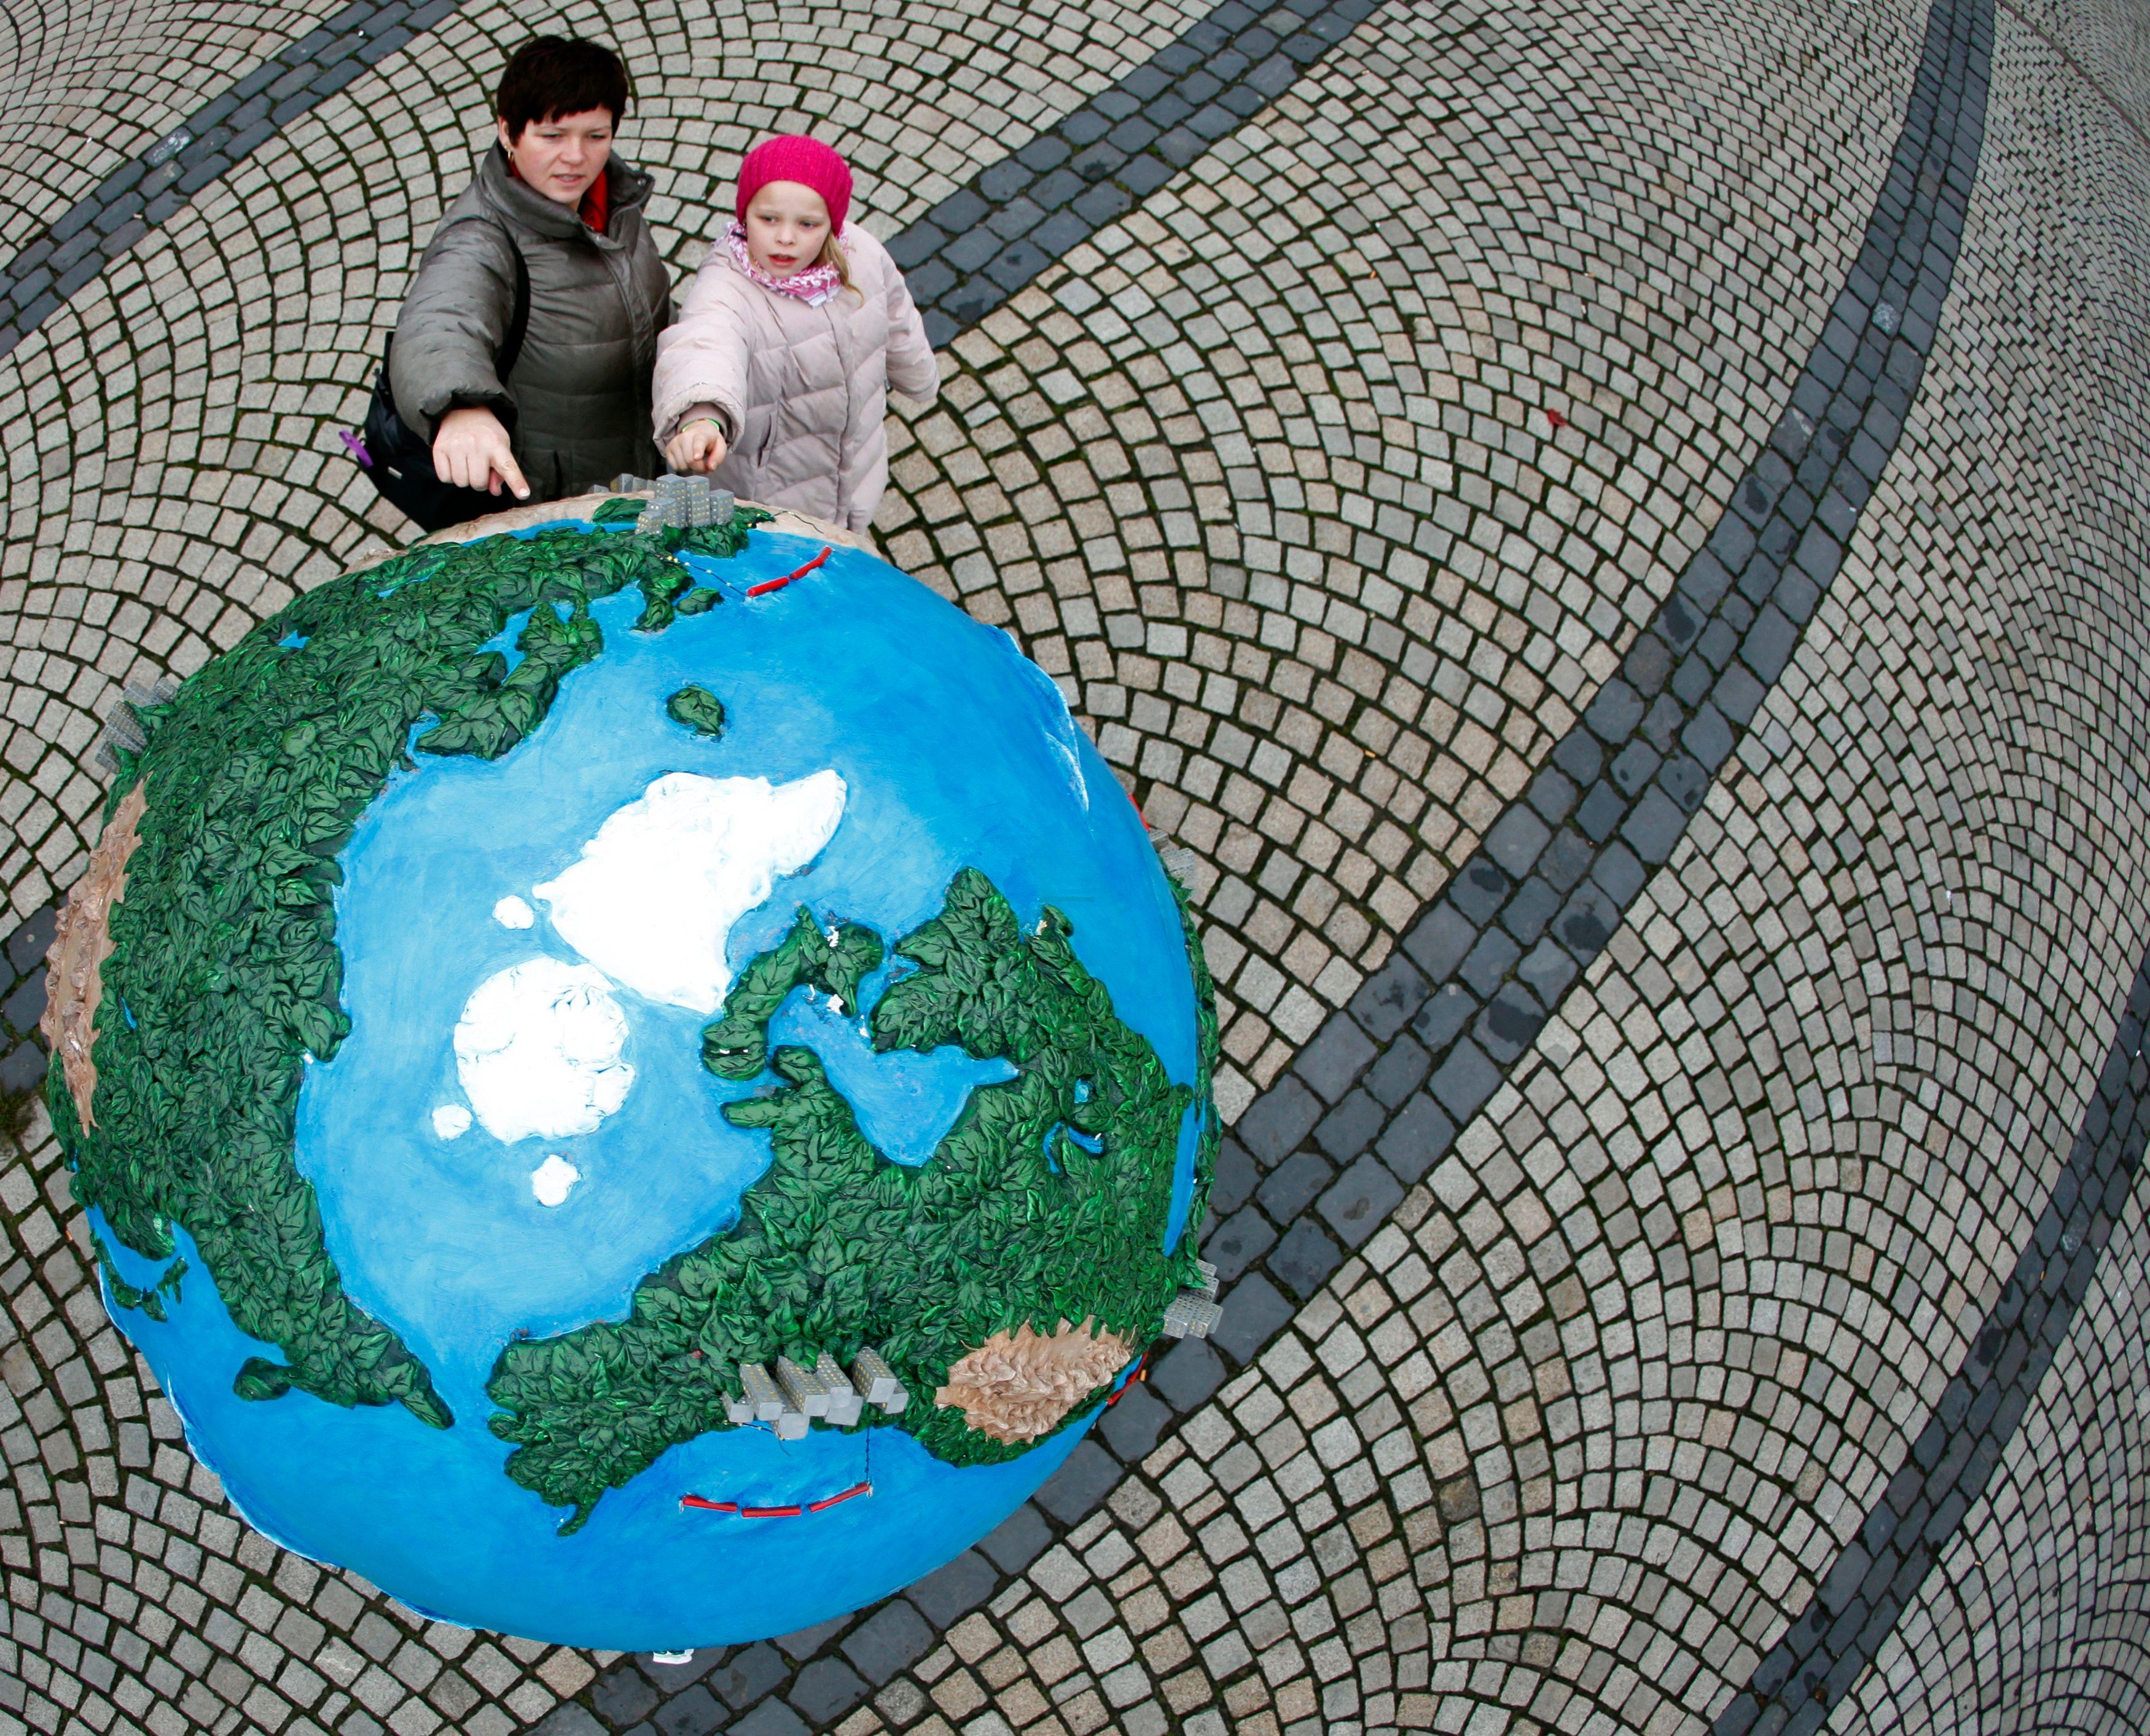 Le monde d'aujourd'hui est multipolaire.